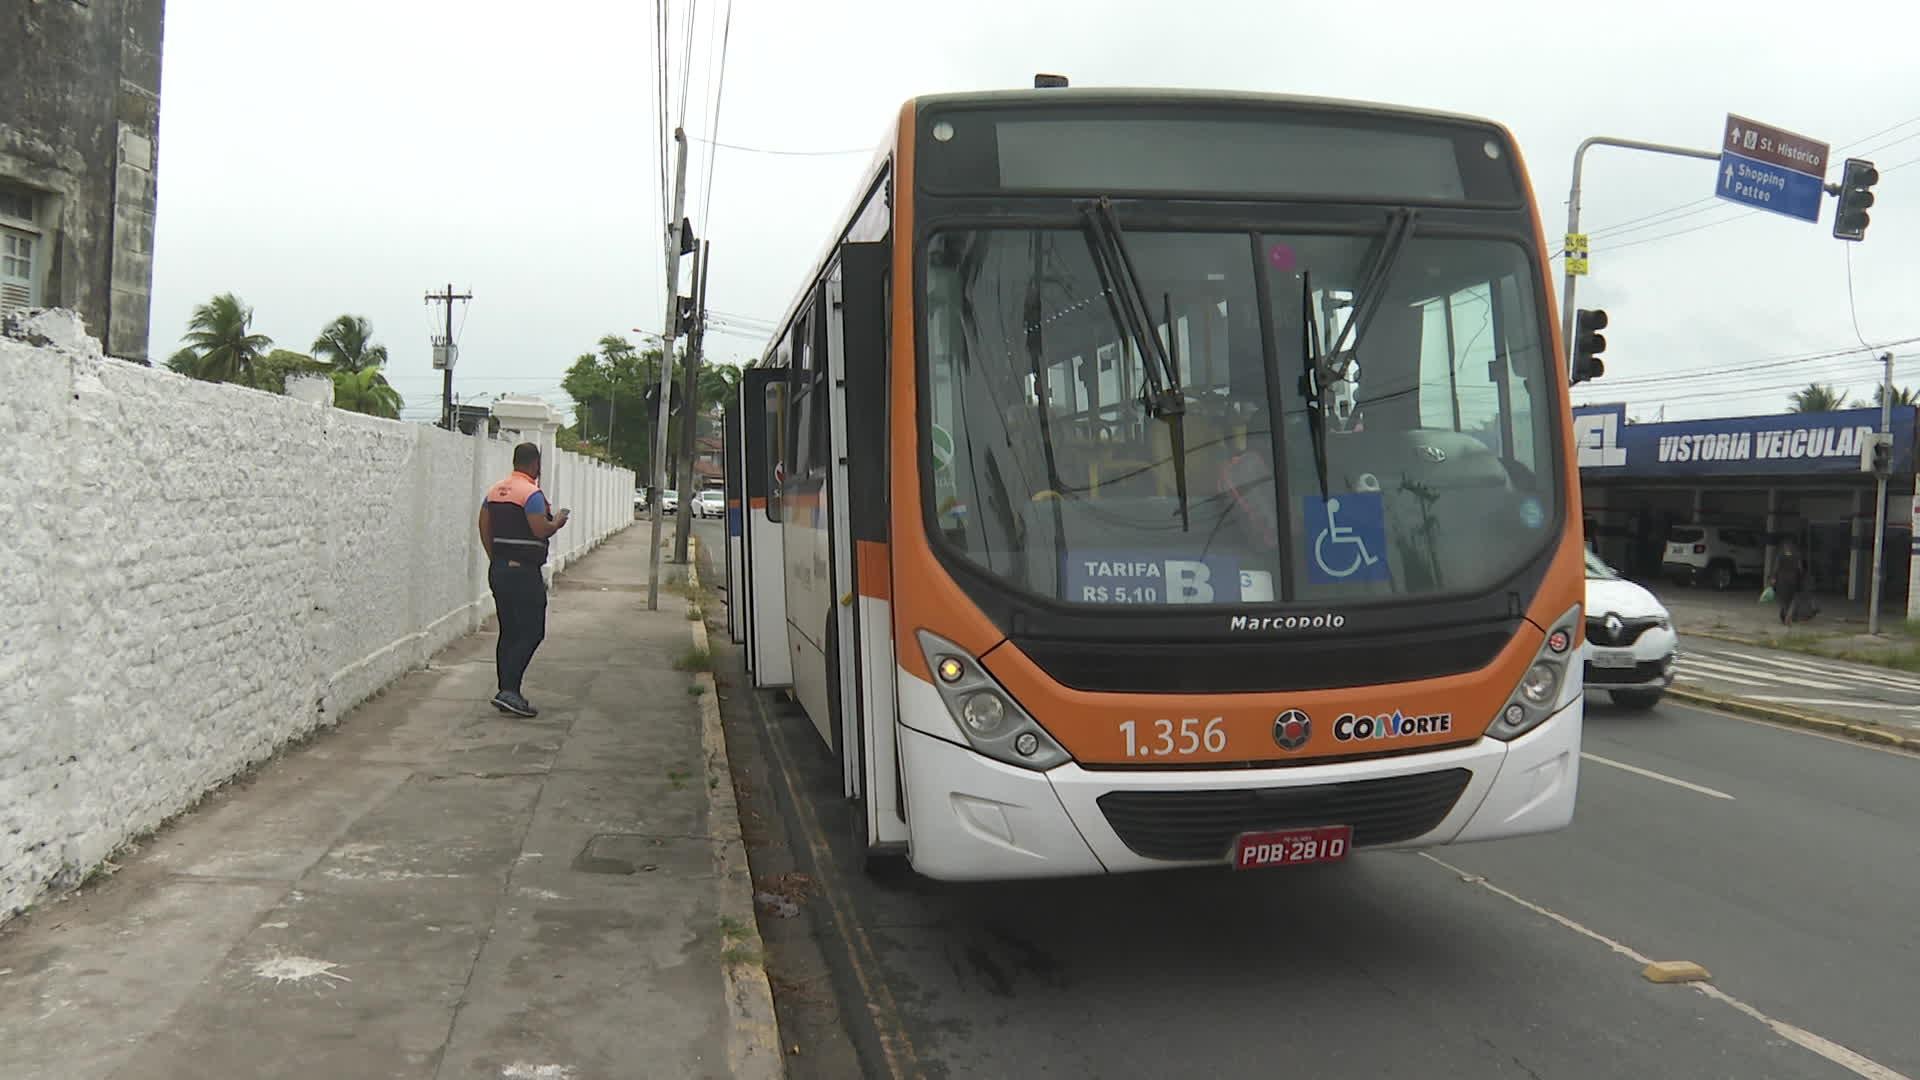 Adolescente tem braço amputado após colocá-lo para fora de ônibus em movimento em Olinda